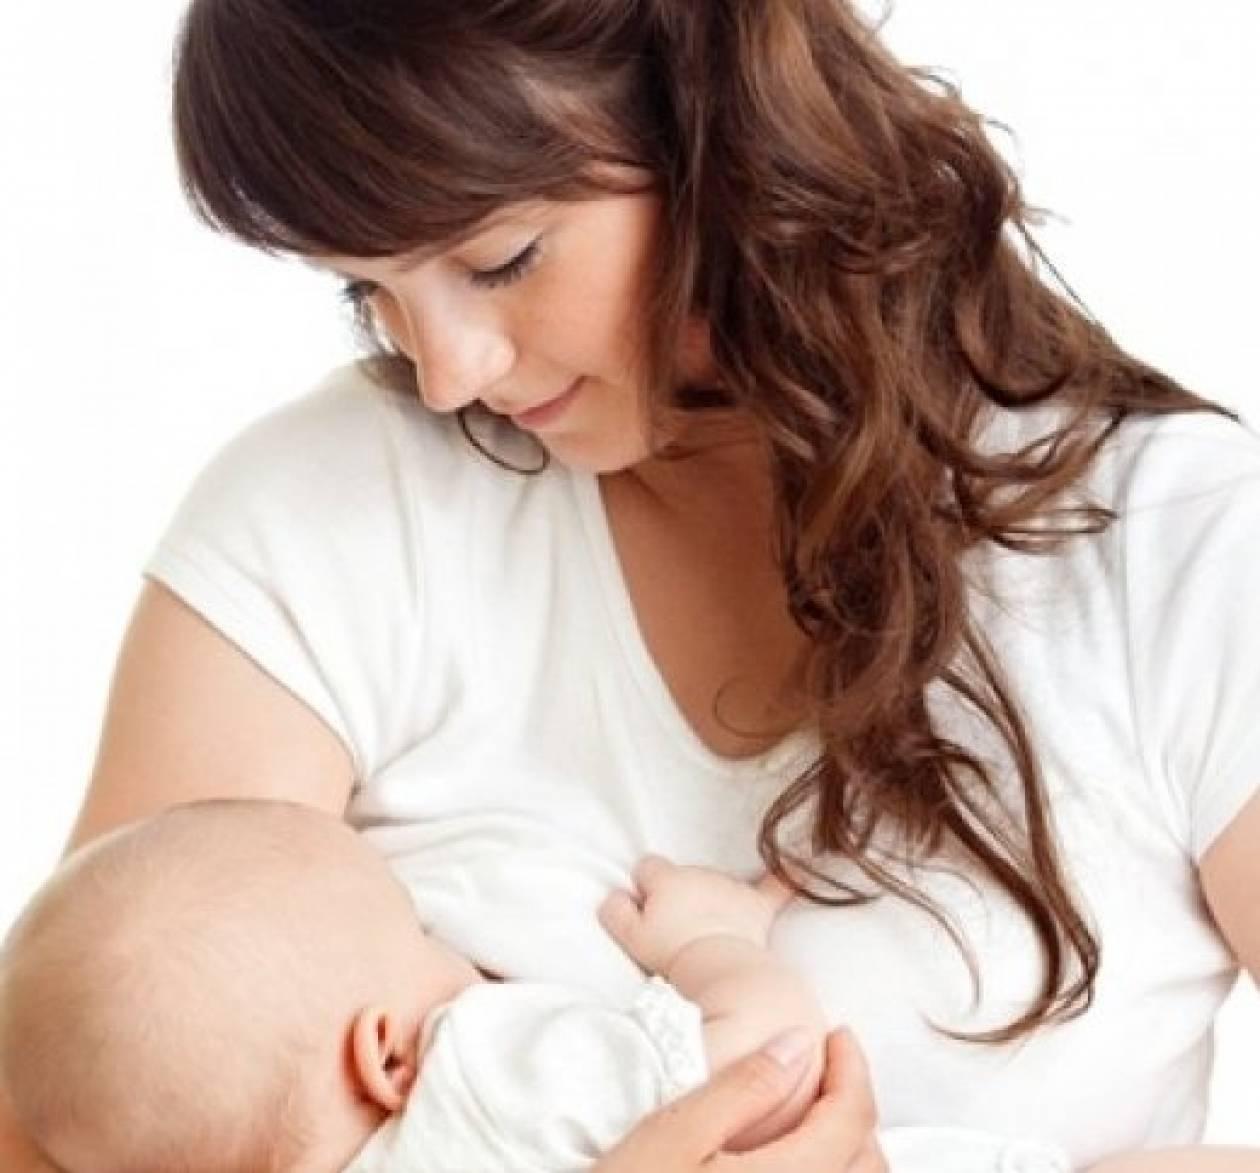 Τα οφέλη του μητρικού θηλασμού (για εσάς και το μωρό σας)